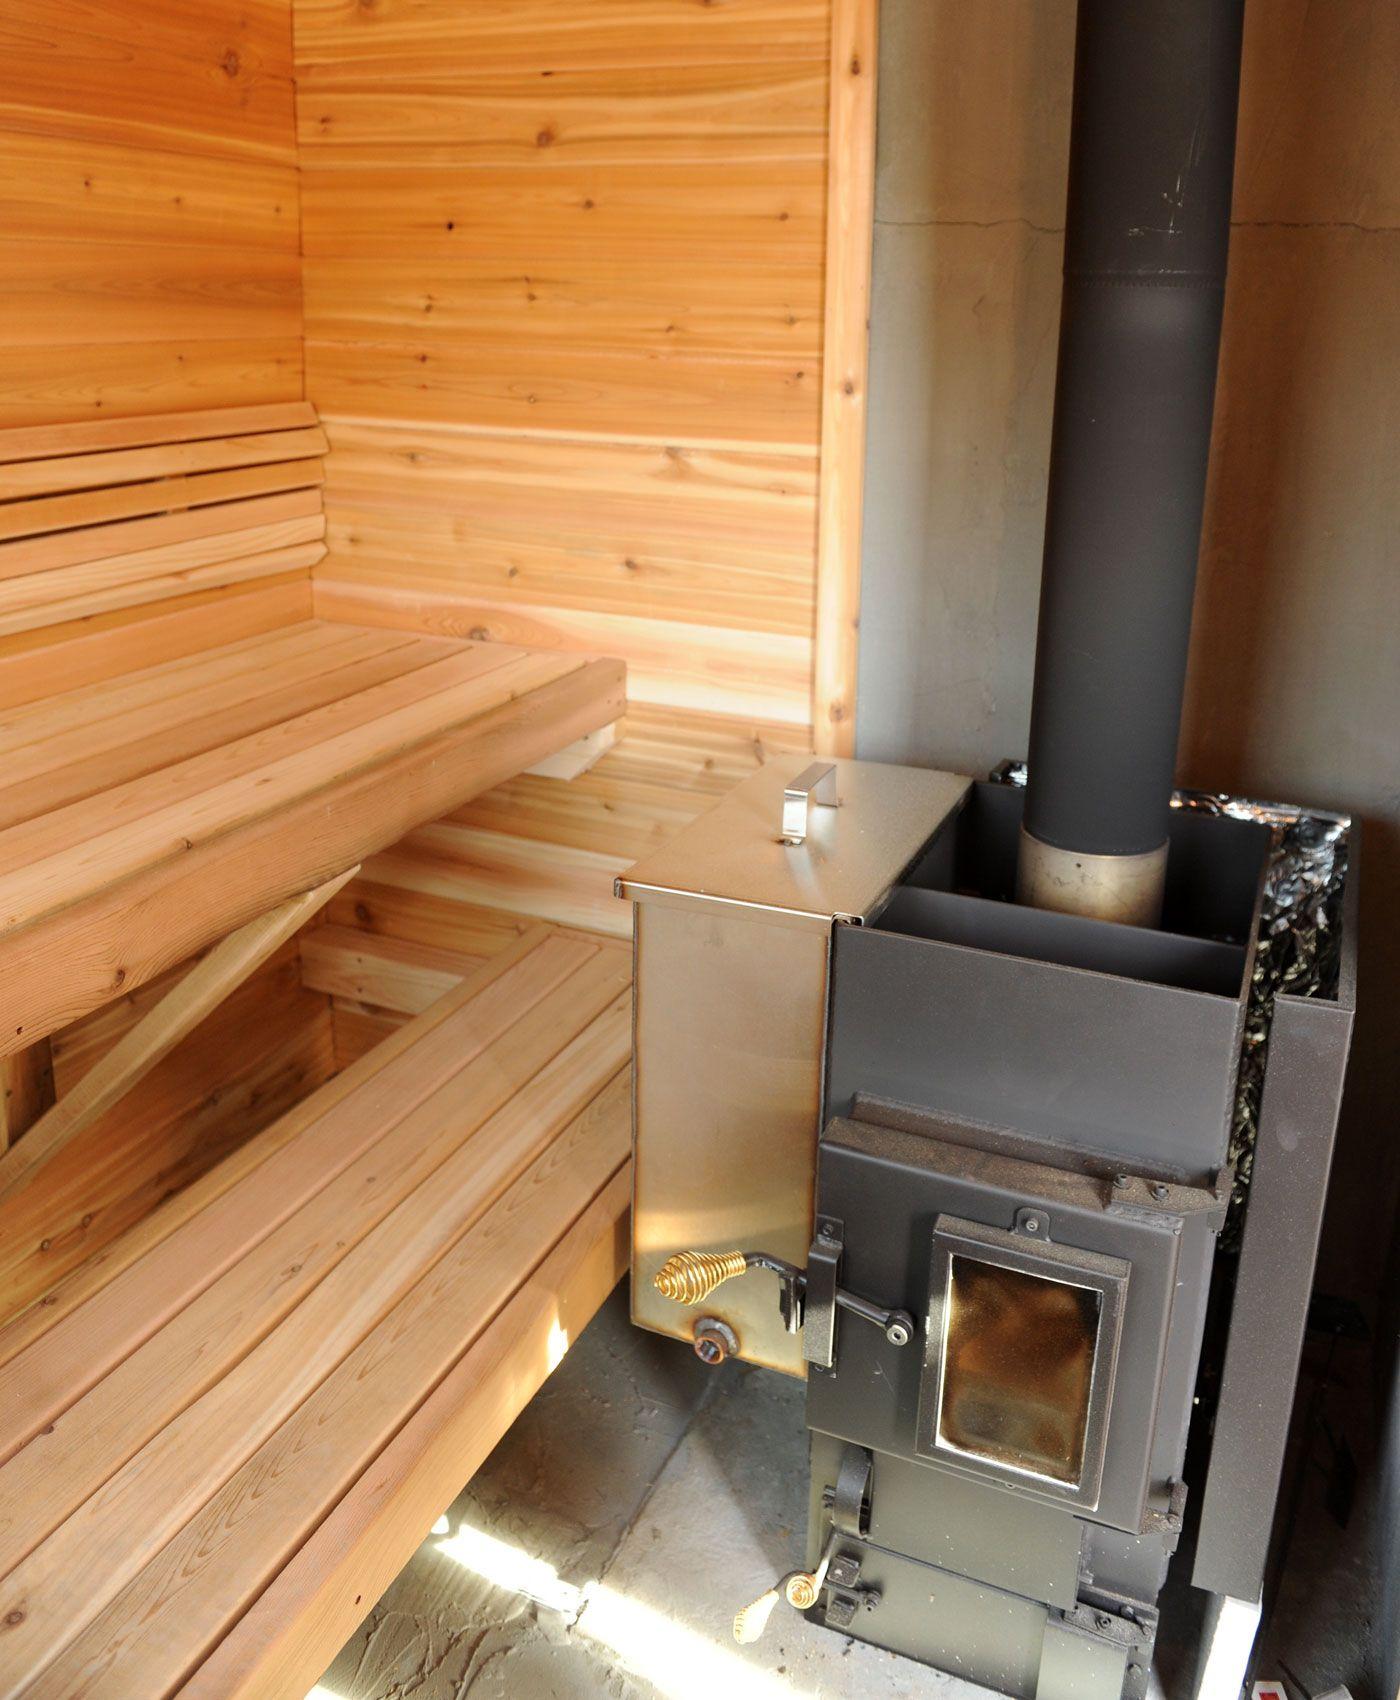 Su hazneli banyo için fırının ana işlevi